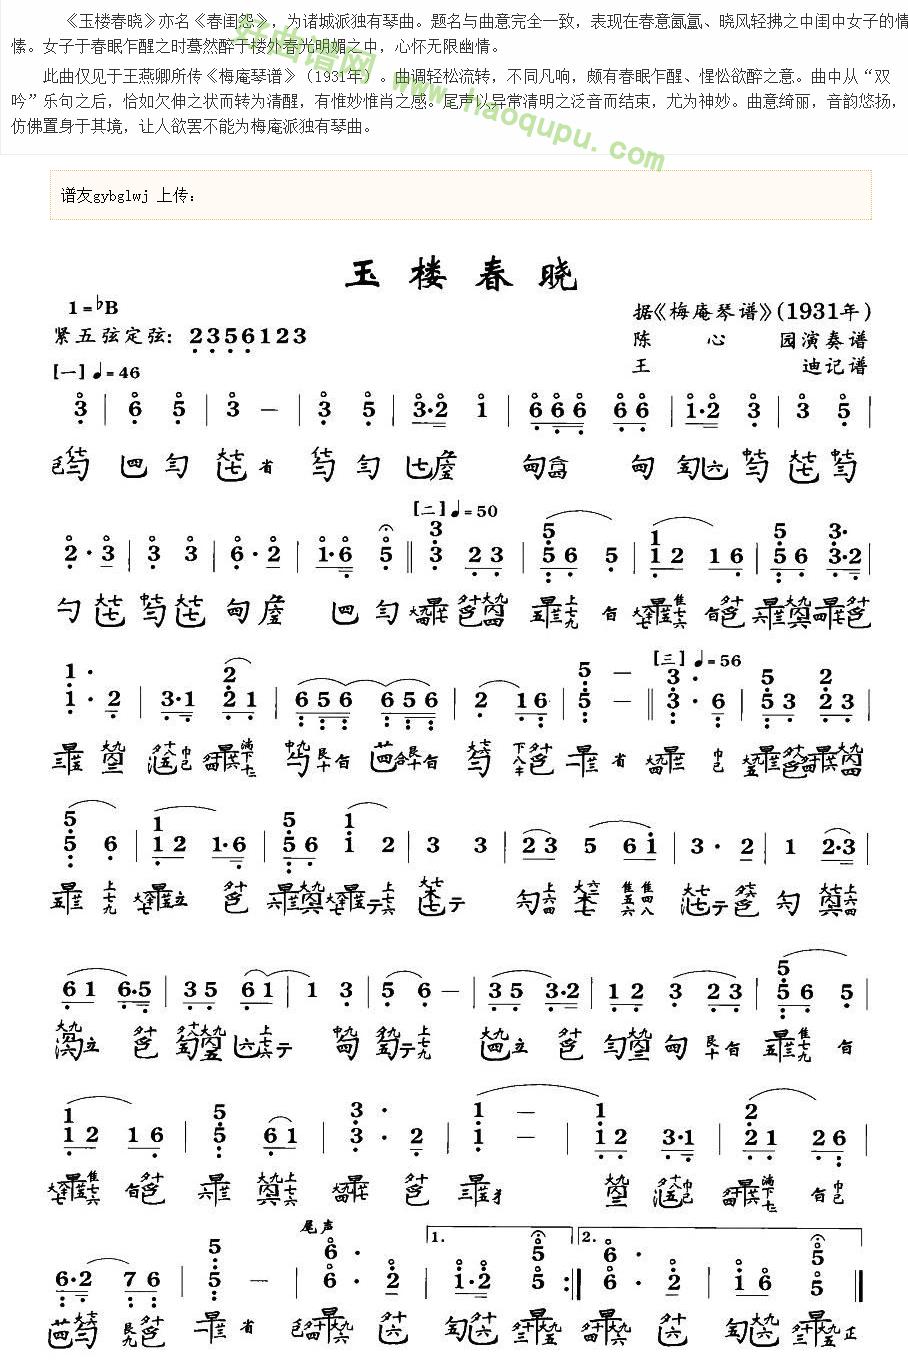 《玉楼春晓》(古琴谱、2个版本)古筝曲谱第1张